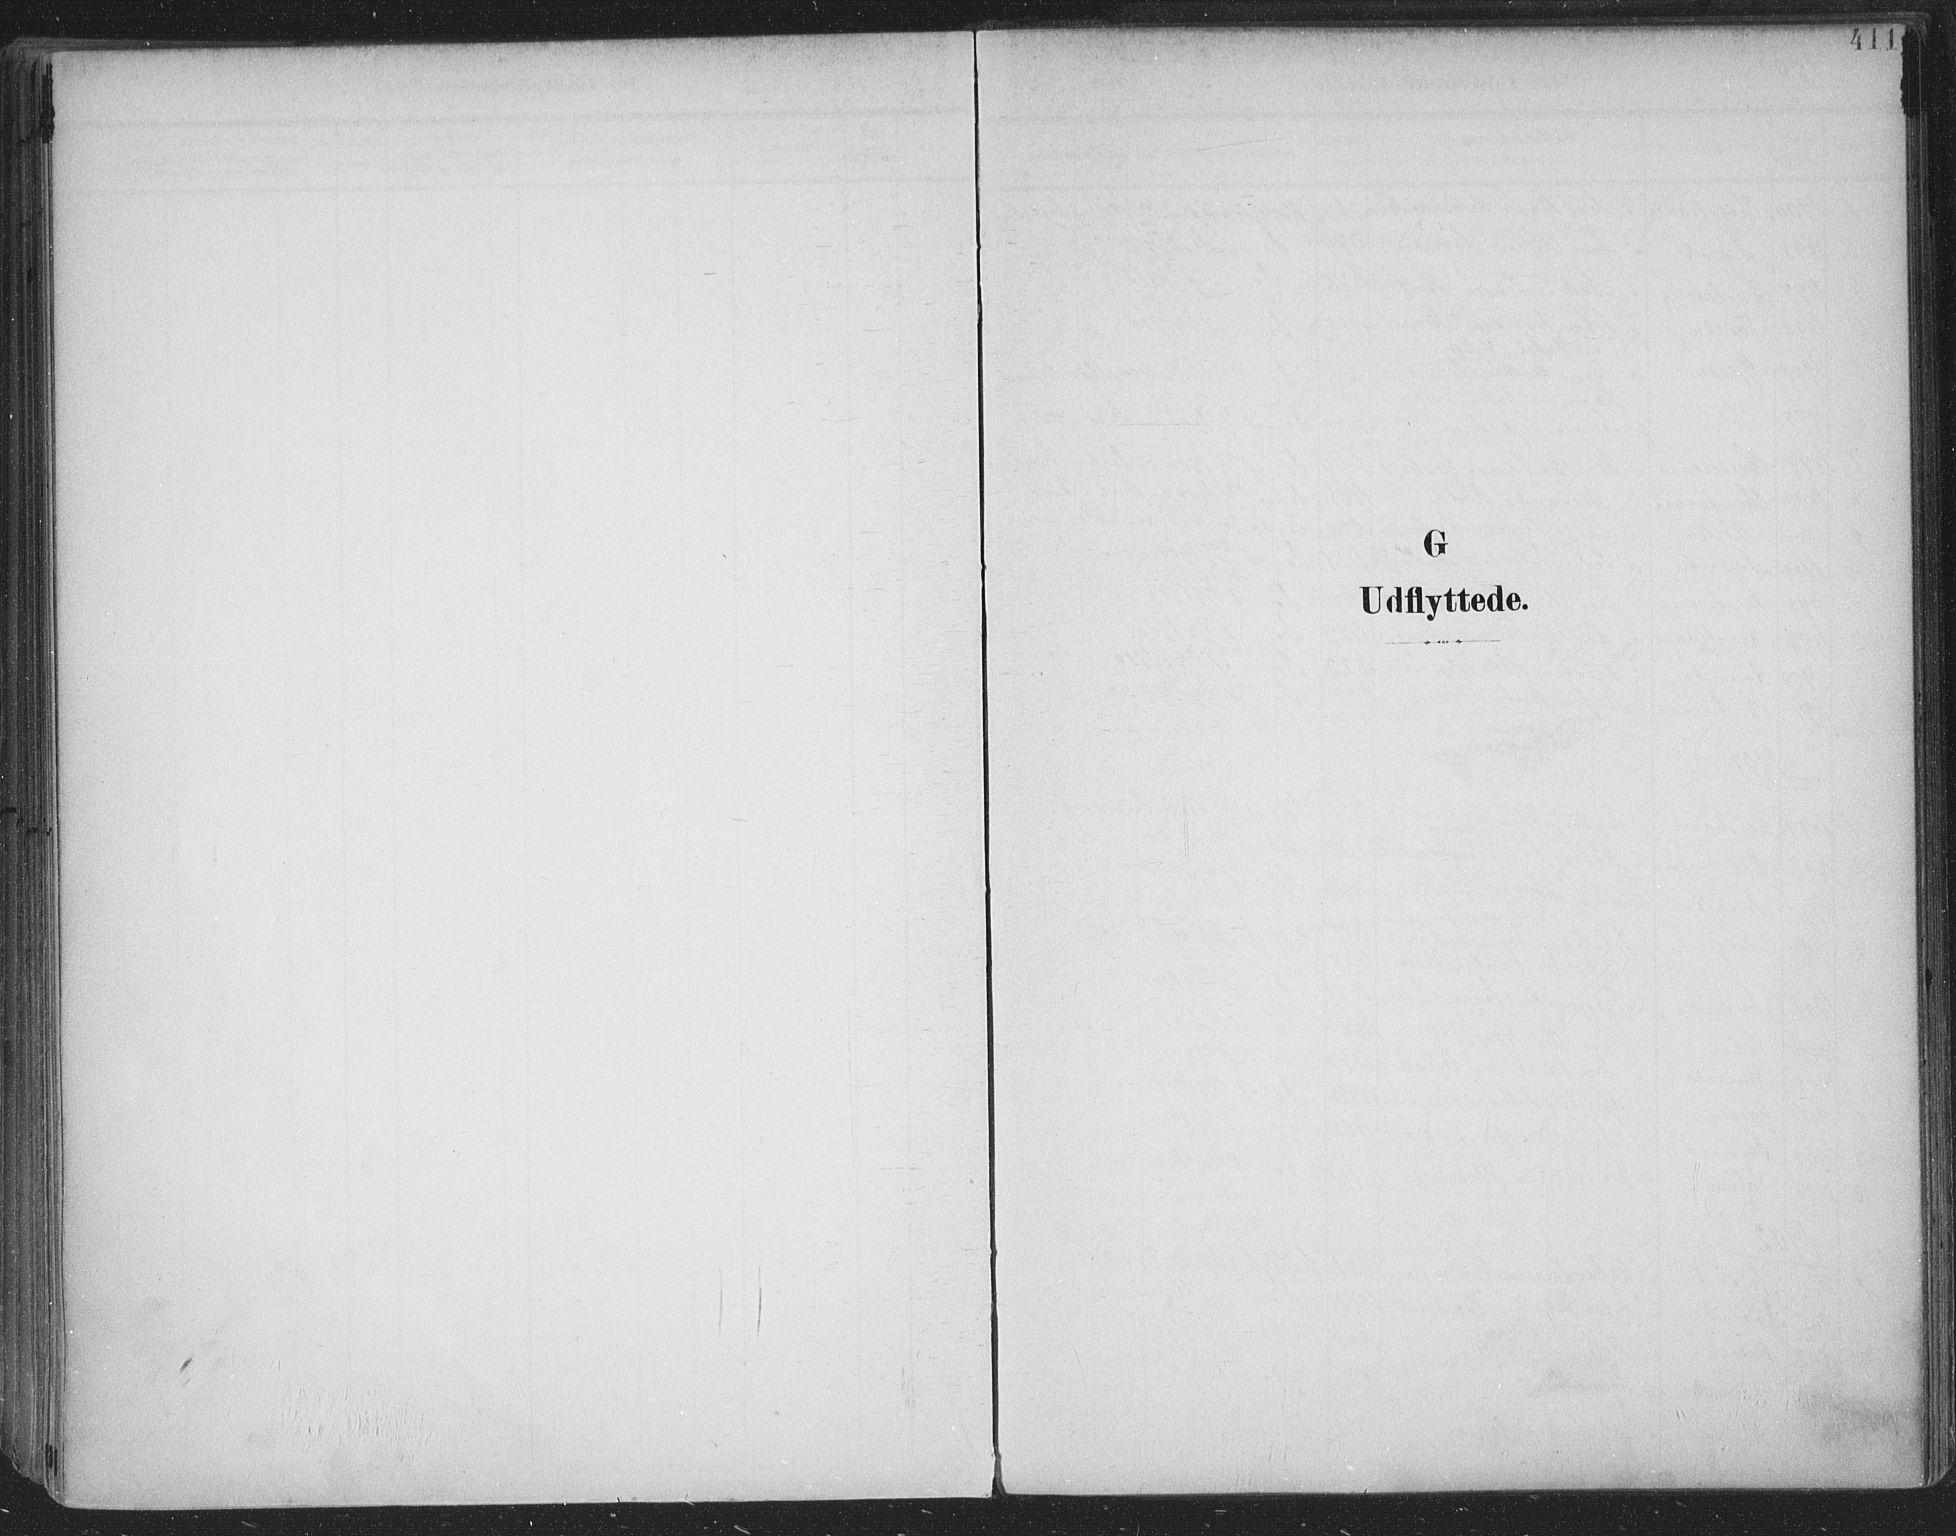 SAKO, Skien kirkebøker, F/Fa/L0011: Ministerialbok nr. 11, 1900-1907, s. 411